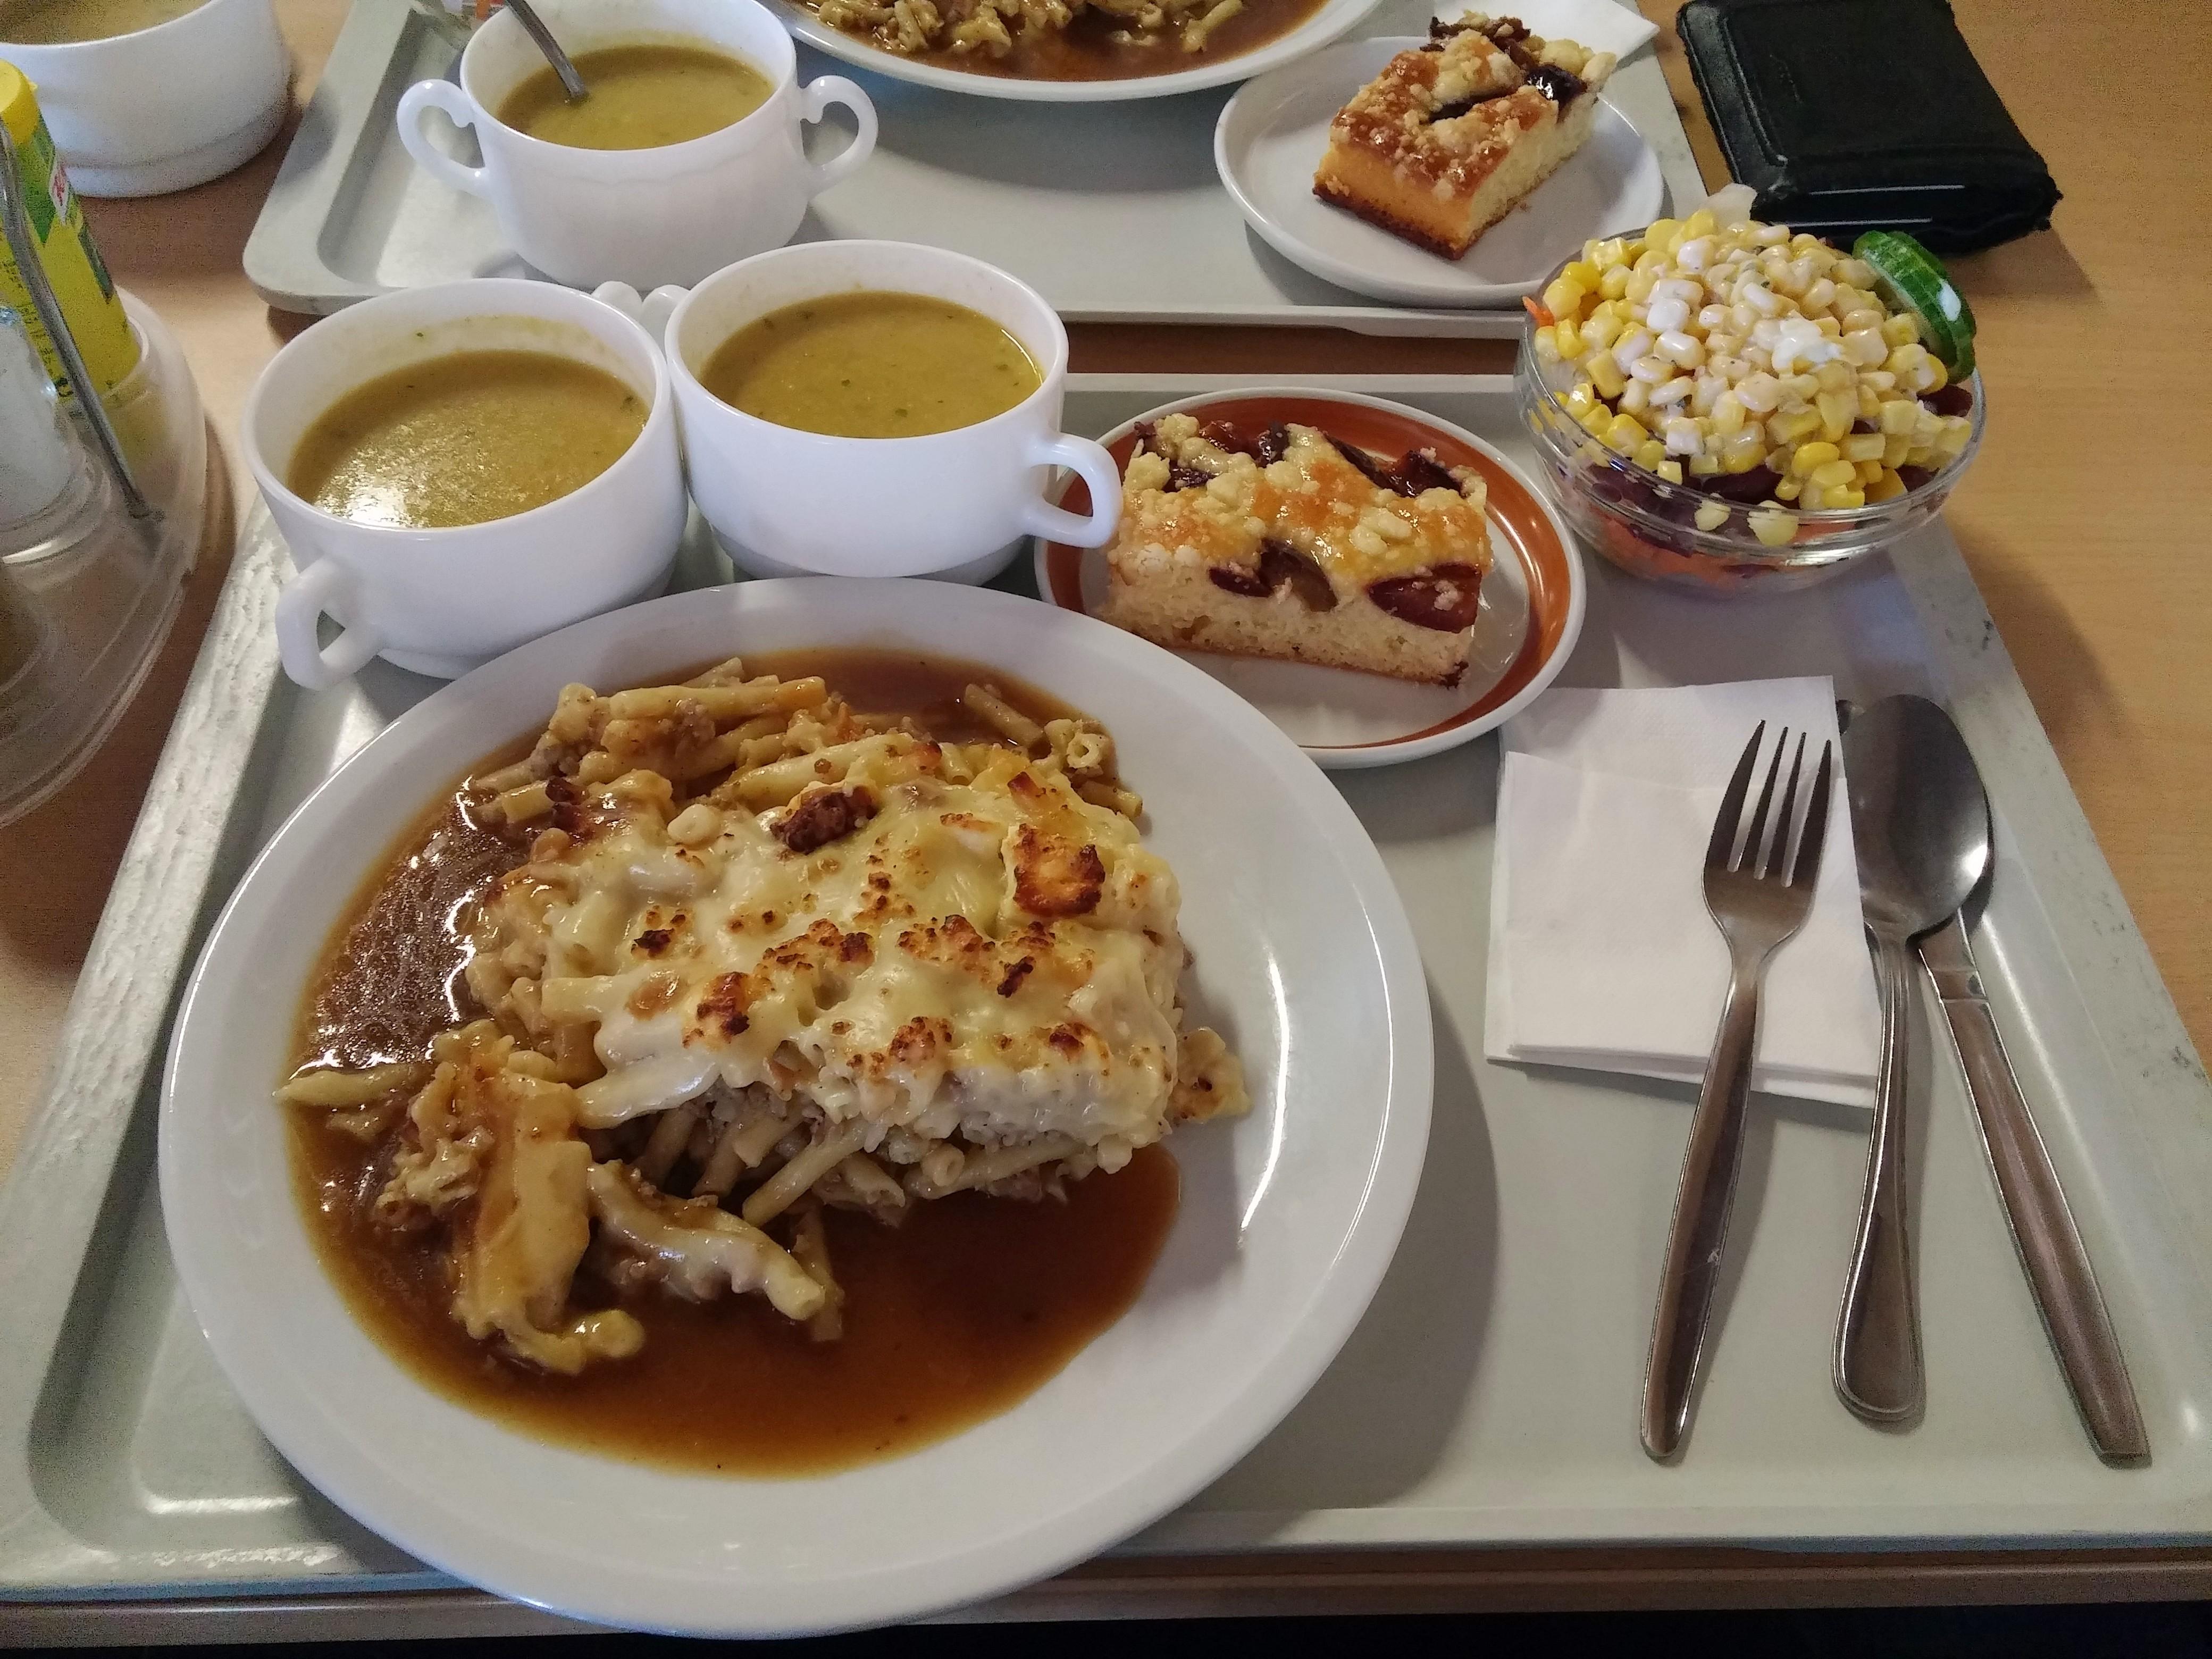 https://foodloader.net/nico_2015-02-12_nudelauflauf-mit-hackflfeisch-suppen-salat-nachtisch.jpg